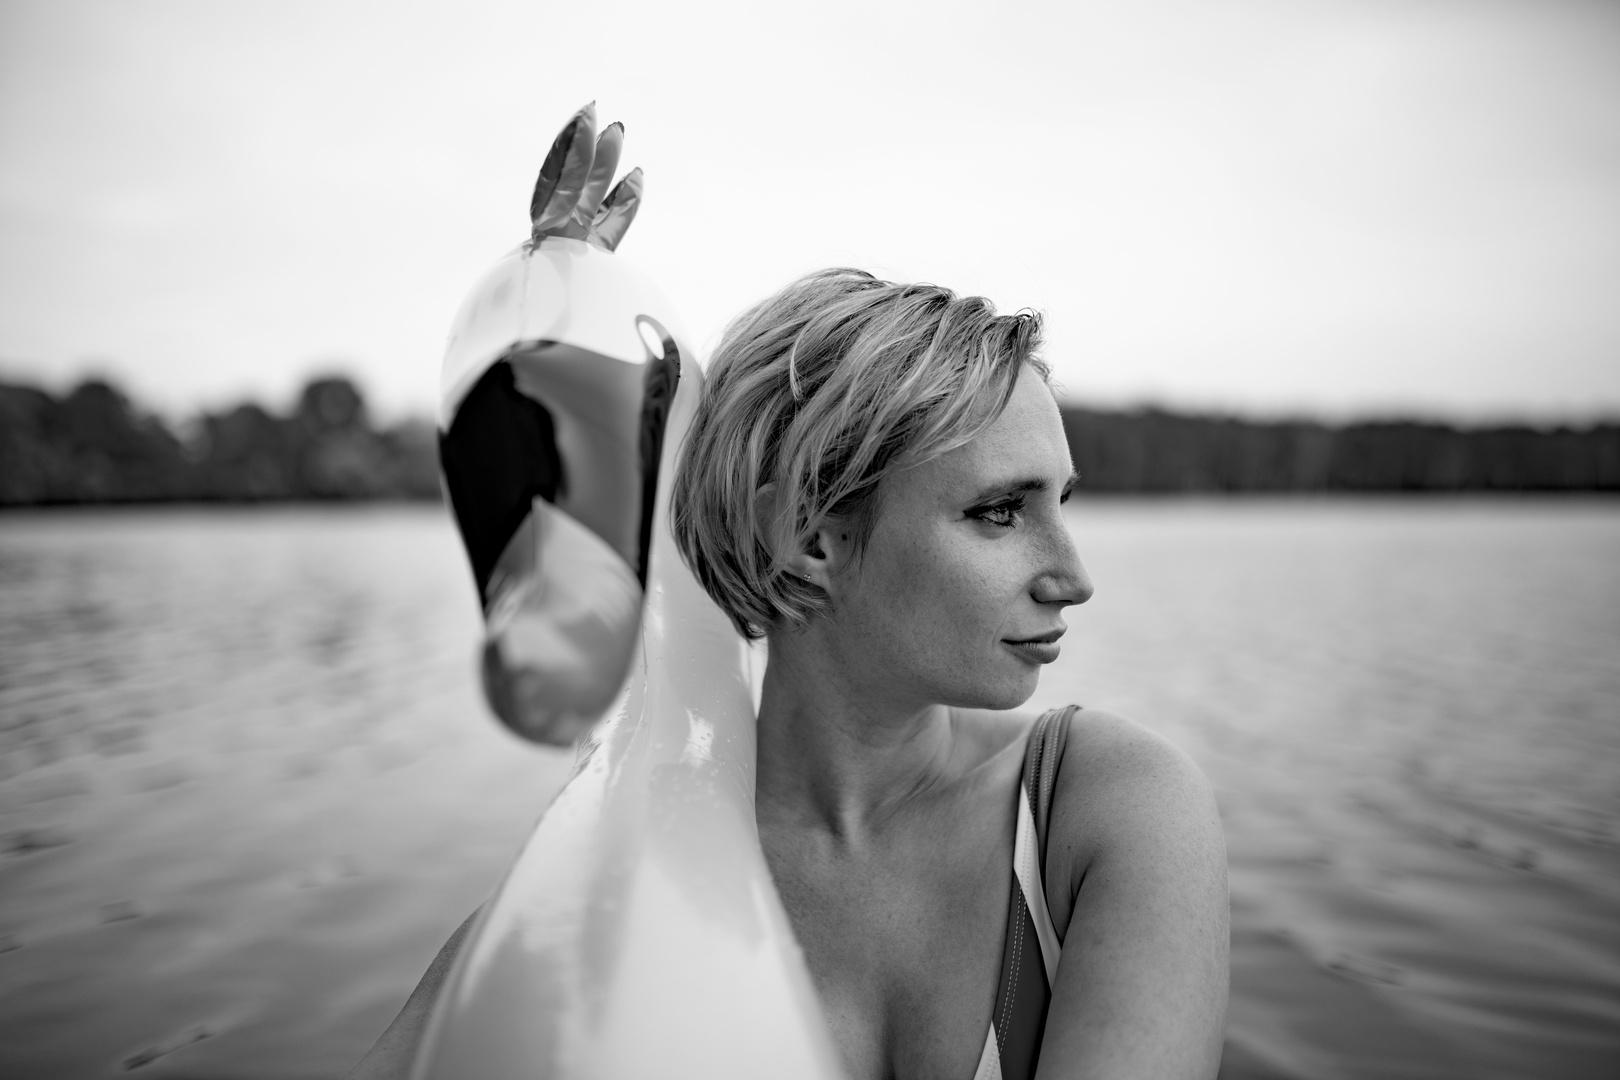 riding the swan II